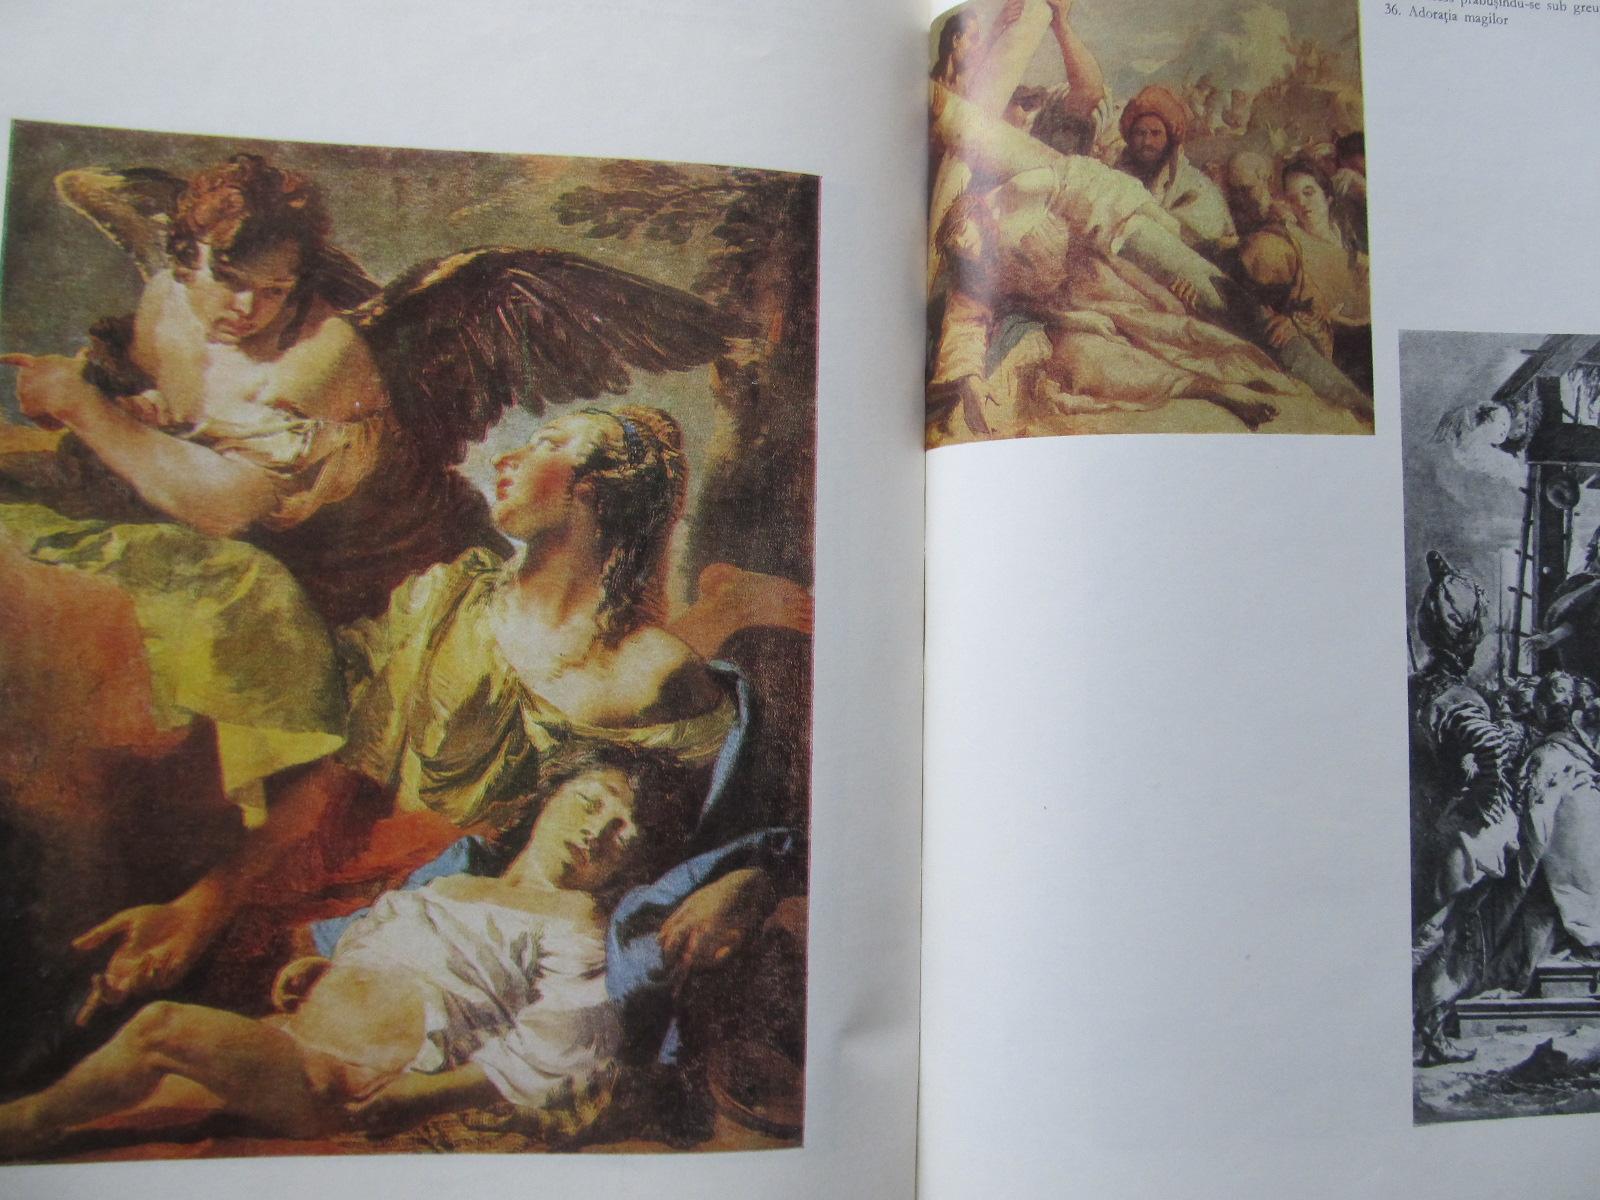 Carte Tiepolo (Album) - format foarte mare - Alexandru Balaci